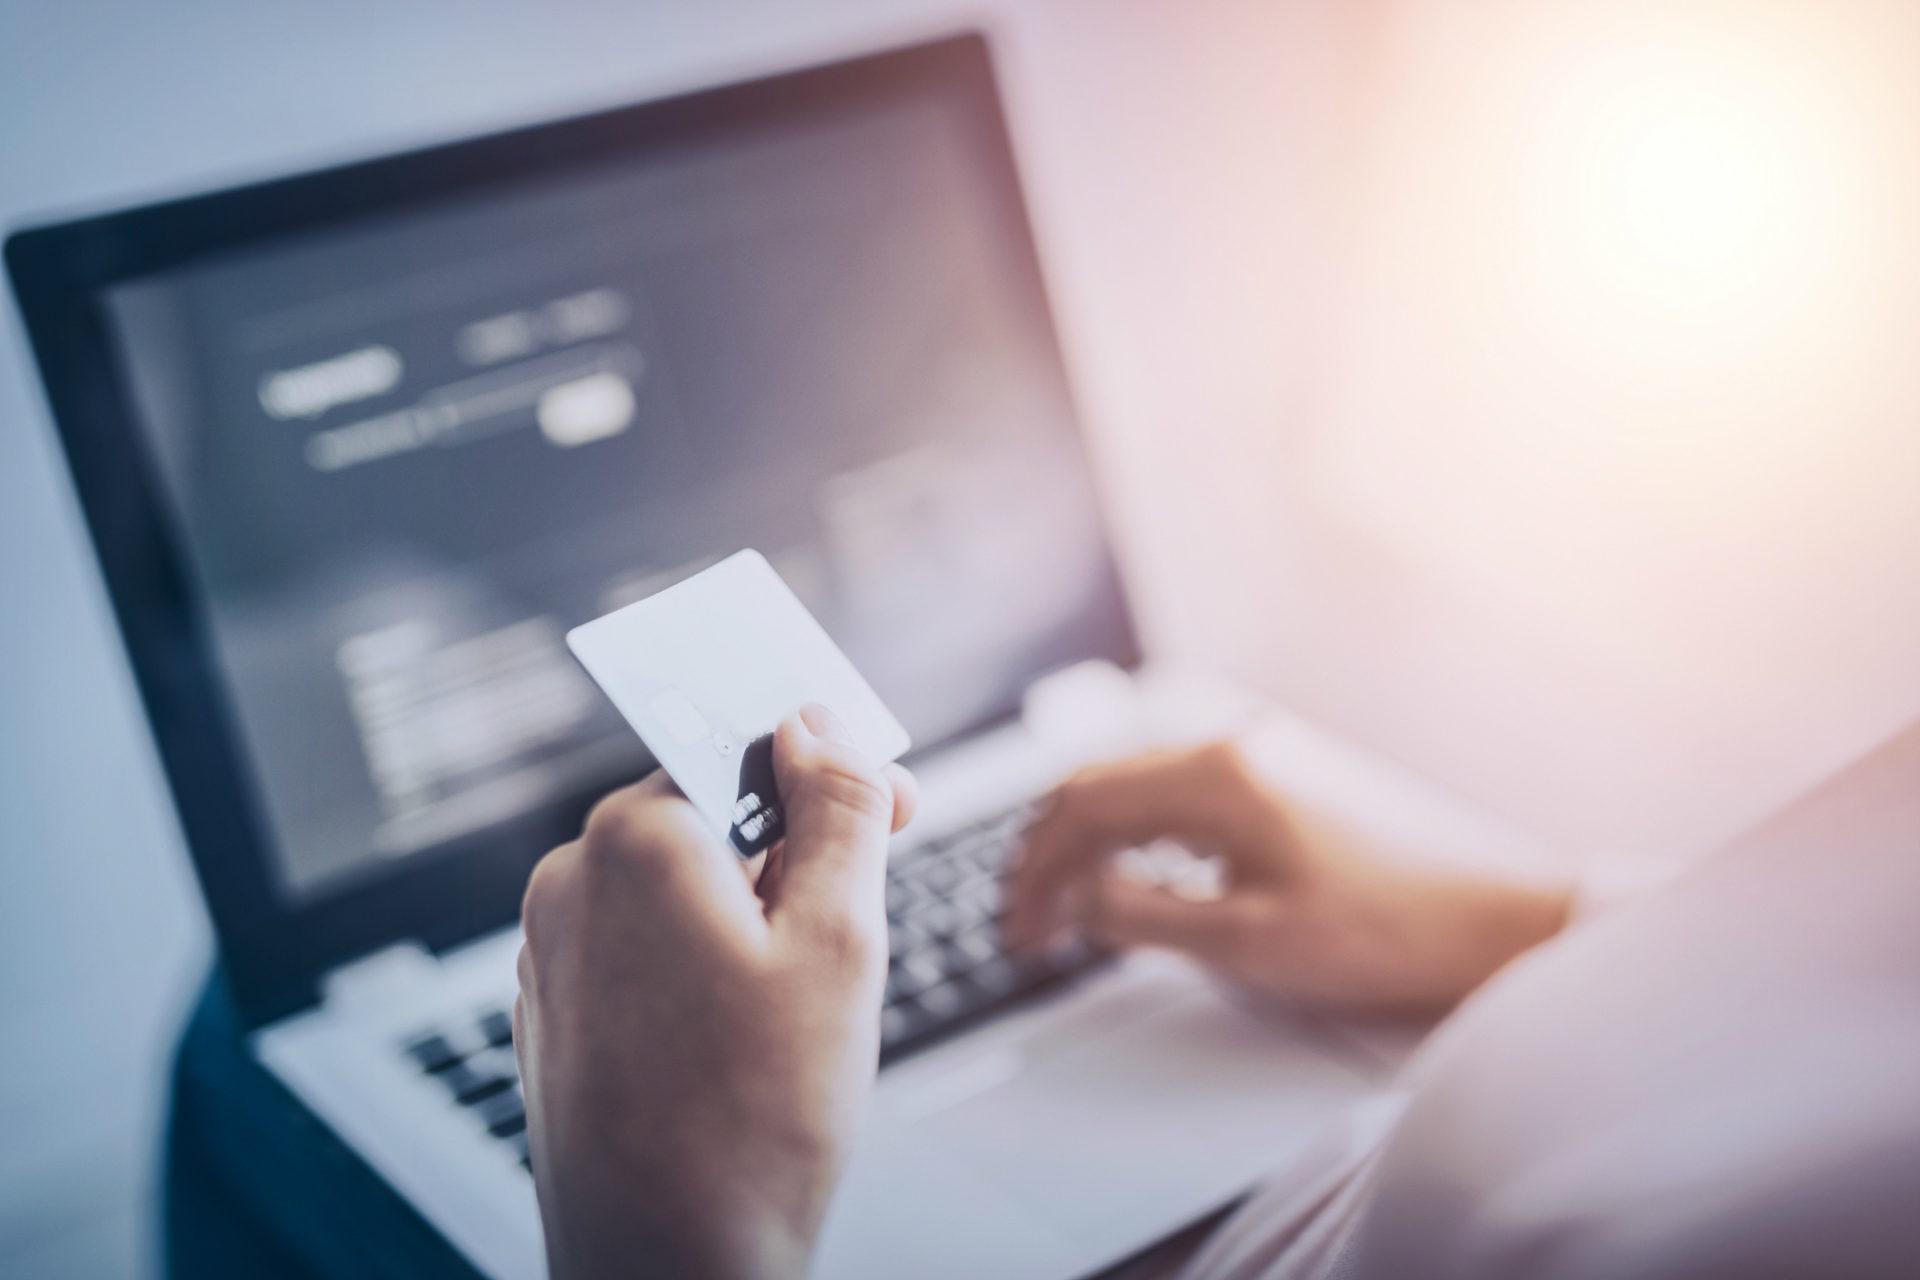 ¿Cómo proceder ante problemas con compras en línea?